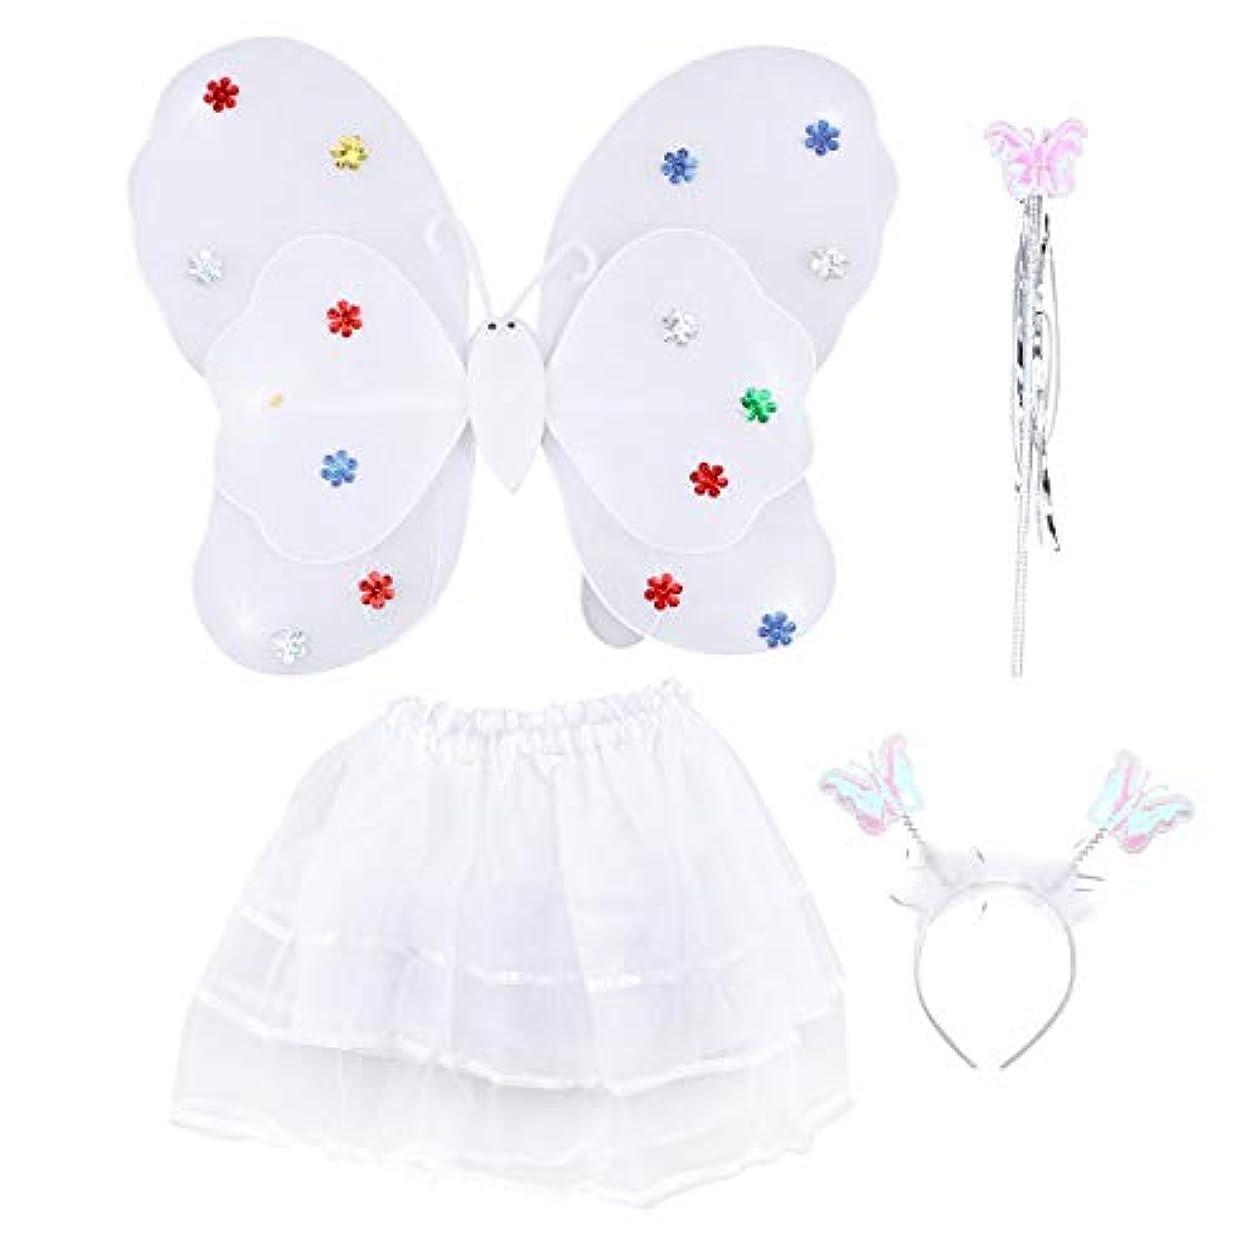 無駄な繕うやりすぎAmosfun 4ピース女の子の妖精の王女の衣装セットLEDライトアップバタフライウィングワンドヘッドバンドチュチュスカート女の子のための子供子供(白)